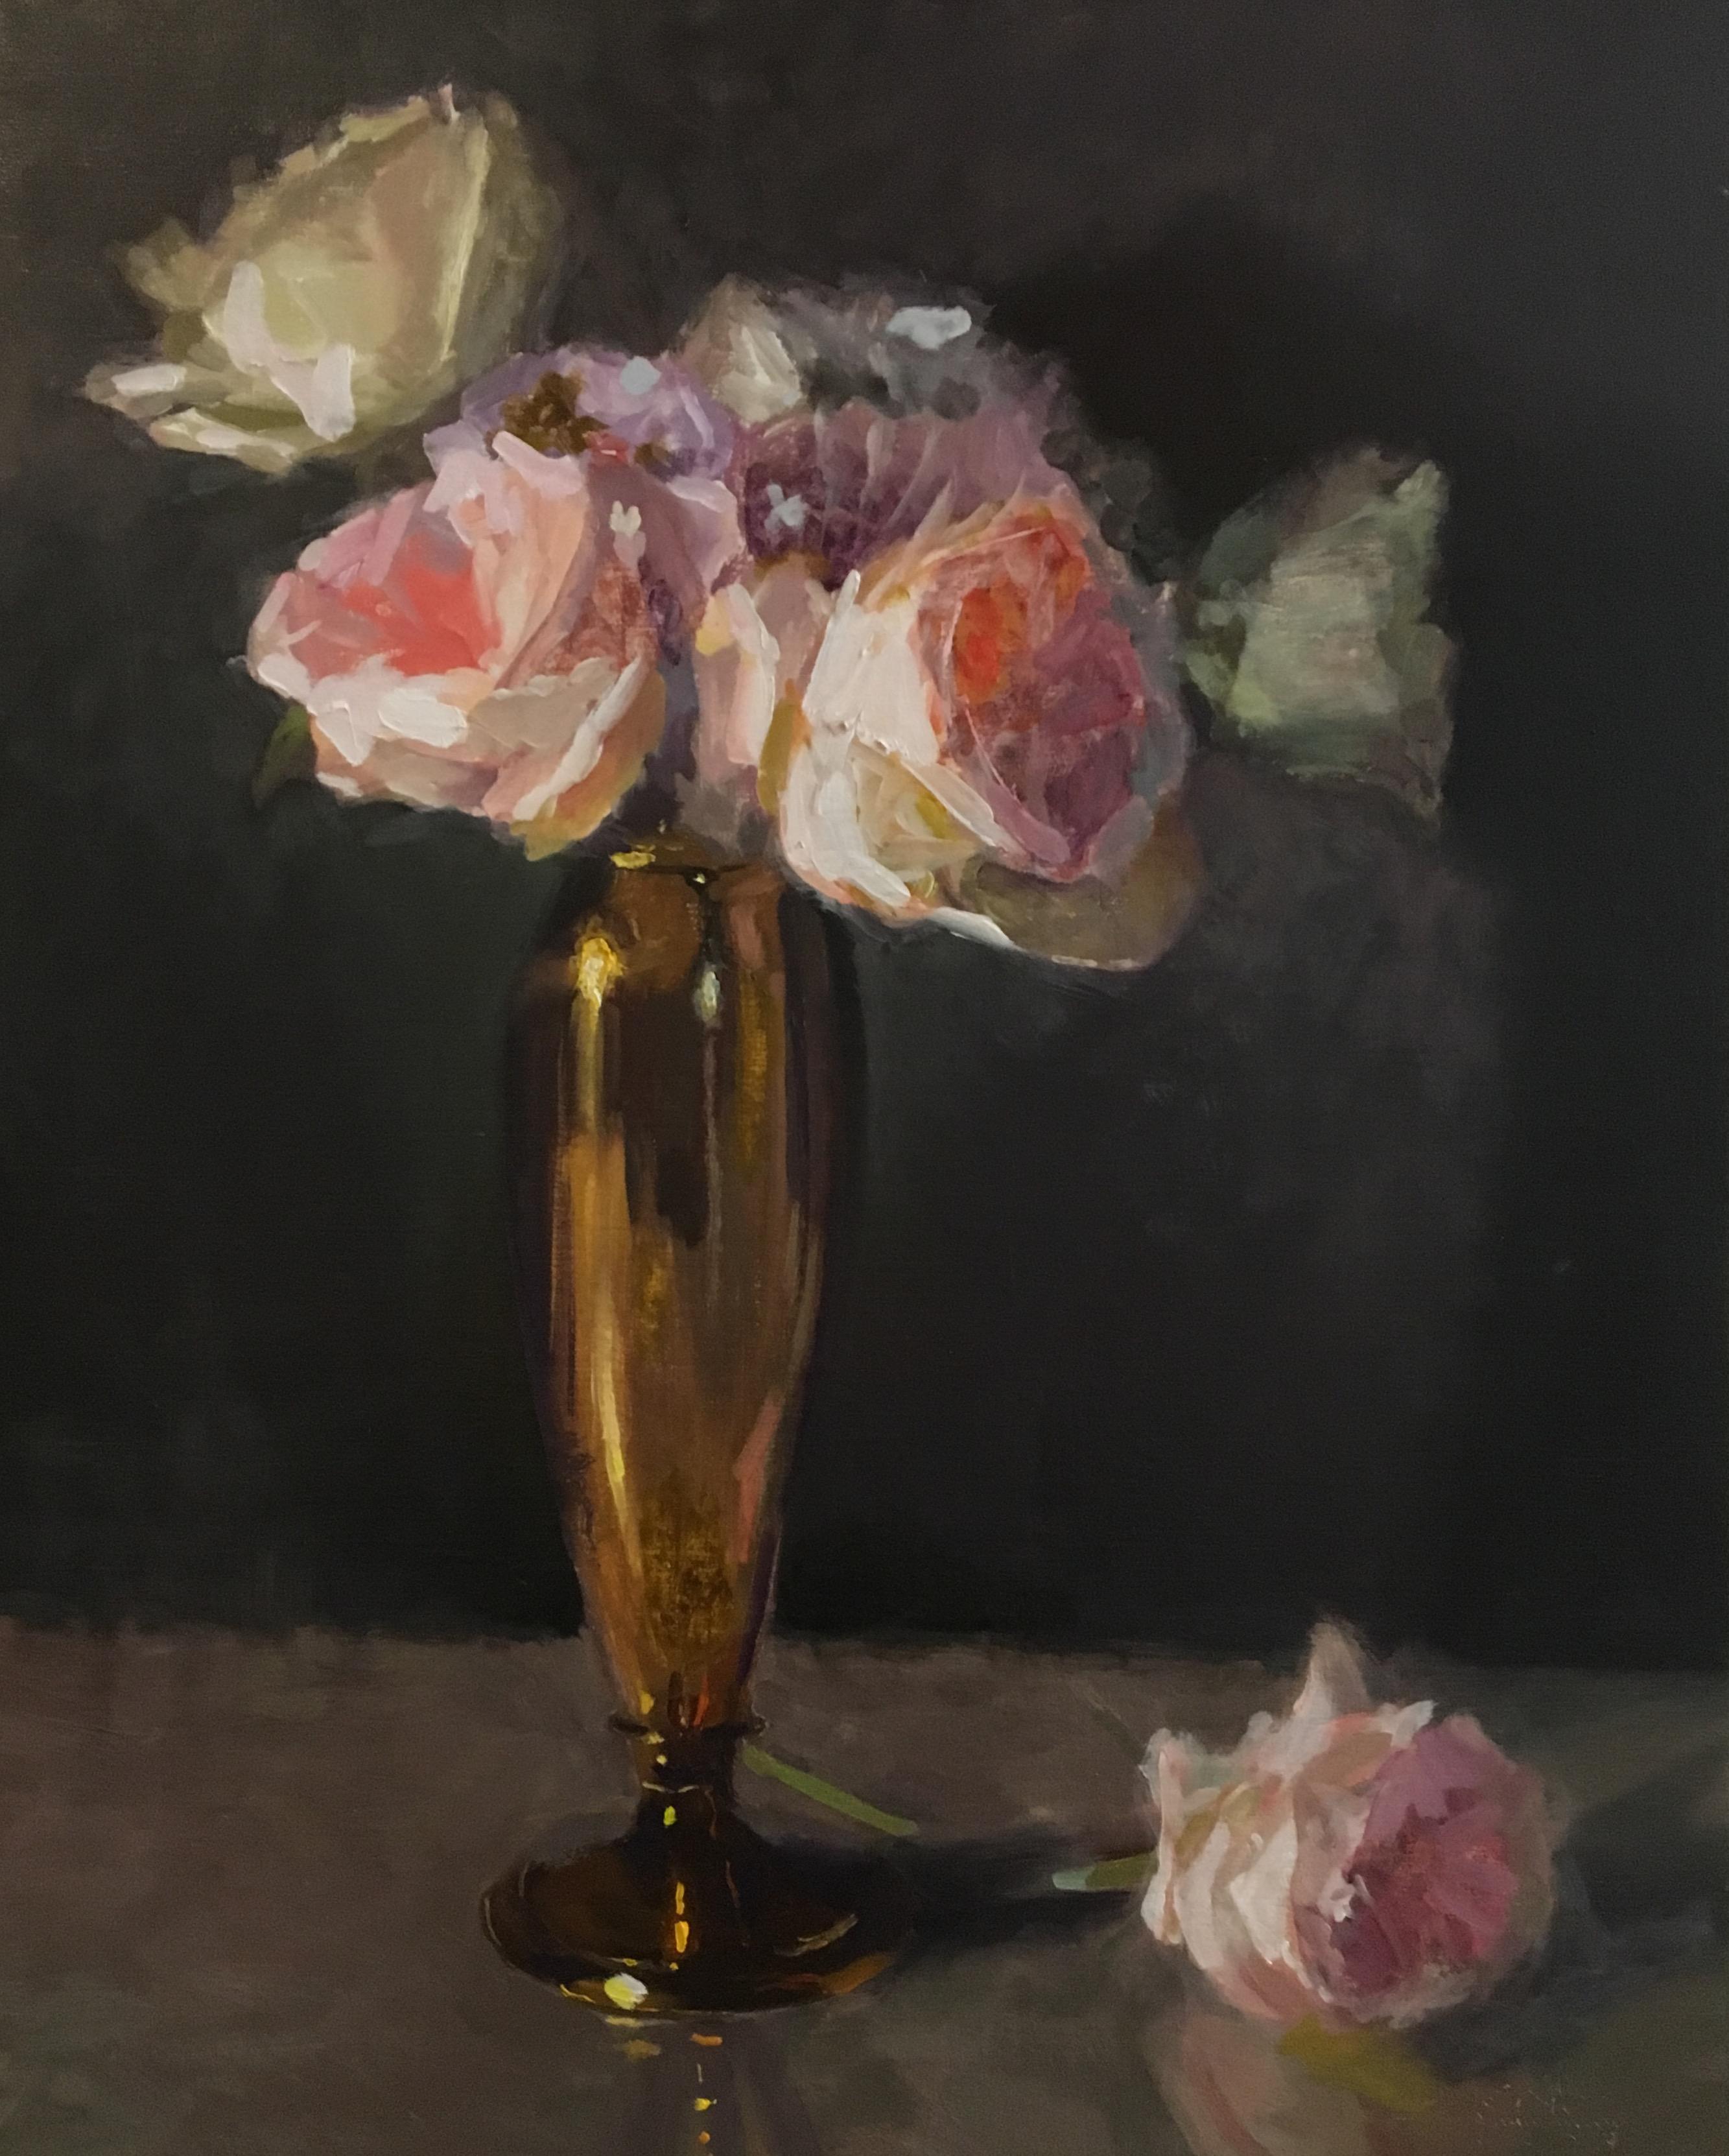 Roses & Brass Vase